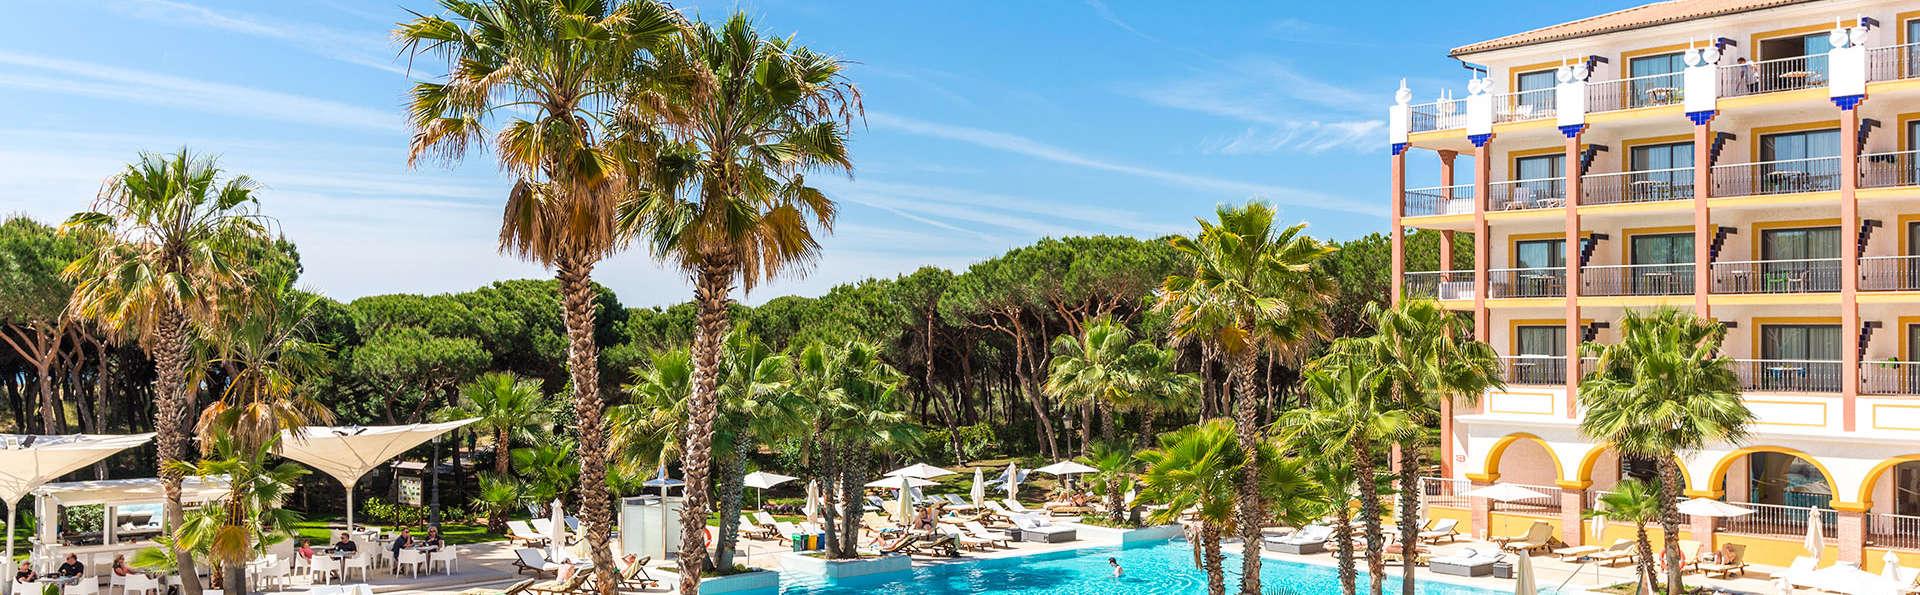 Vacaciones de lujo con Pensión Completa, Spa y privacidad con todas las garantías